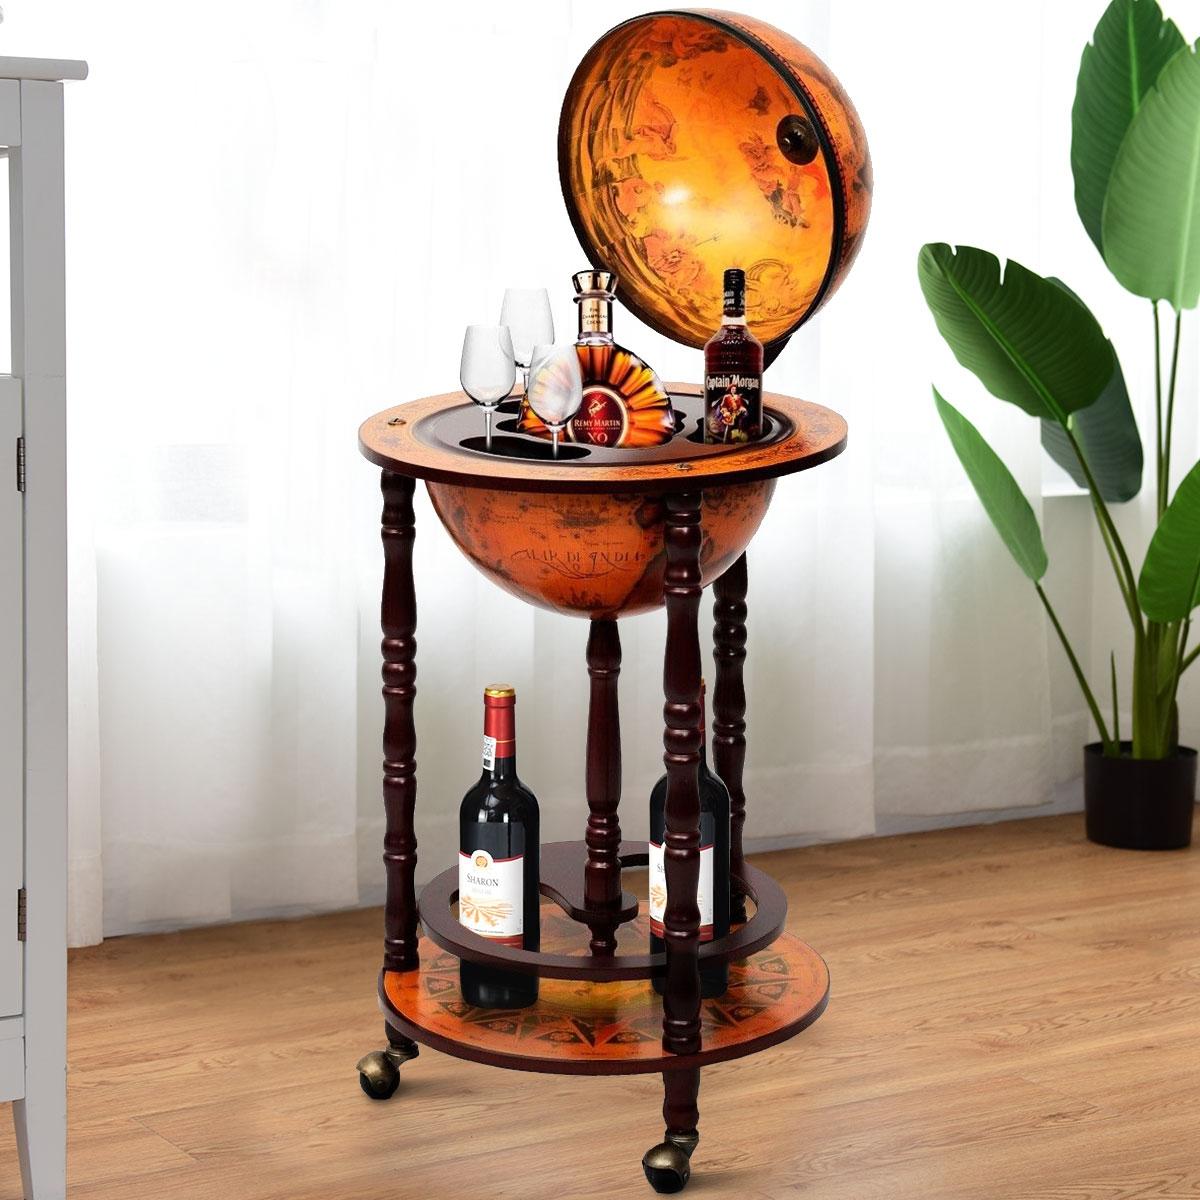 Globo Minibar Botellero Vintage Estante de Vino Carrito de Bar con Ruedas